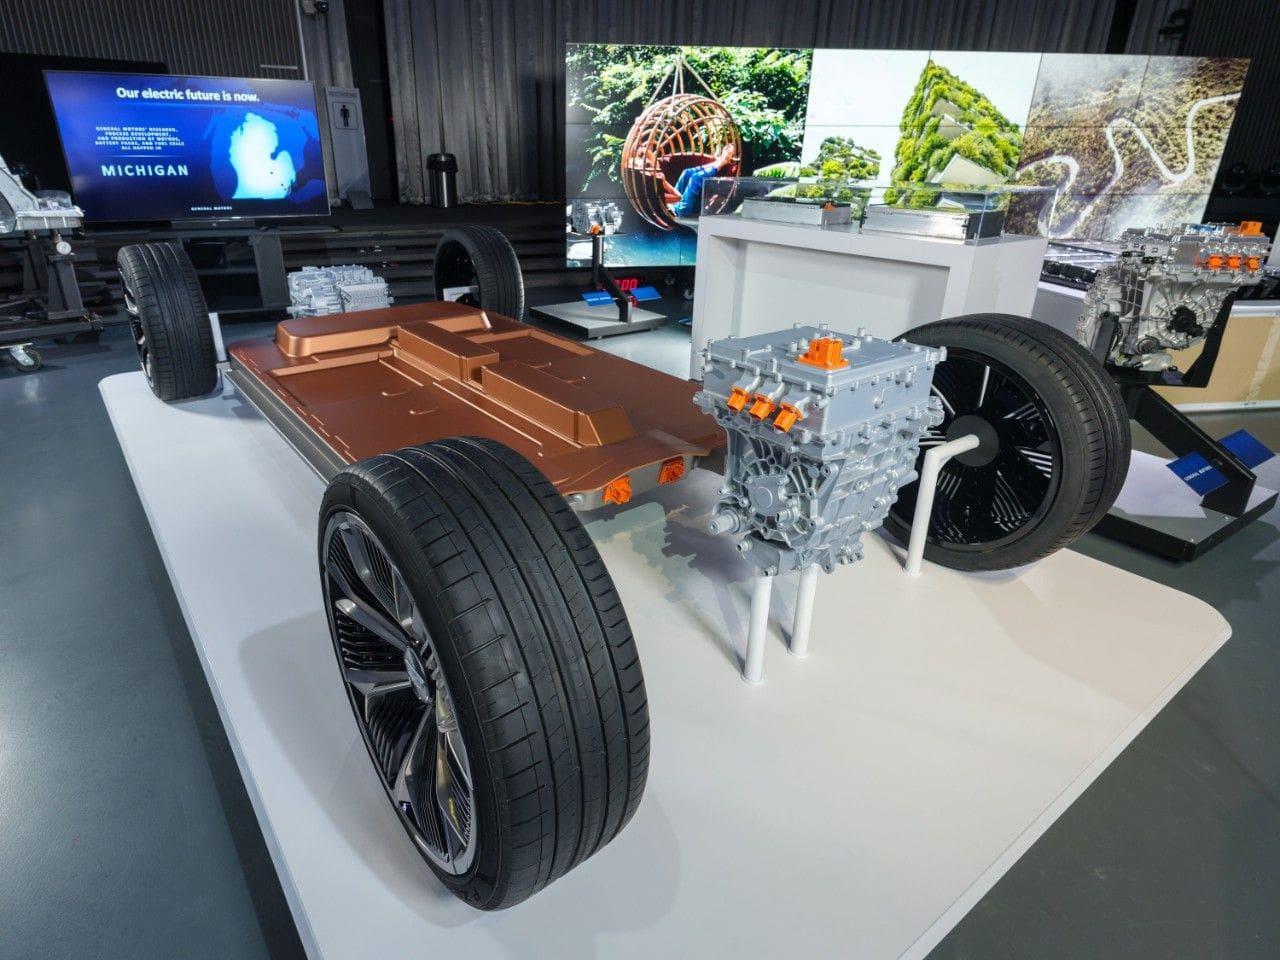 Berichte: GM will Ultium-Fahrzeuge in China bauen